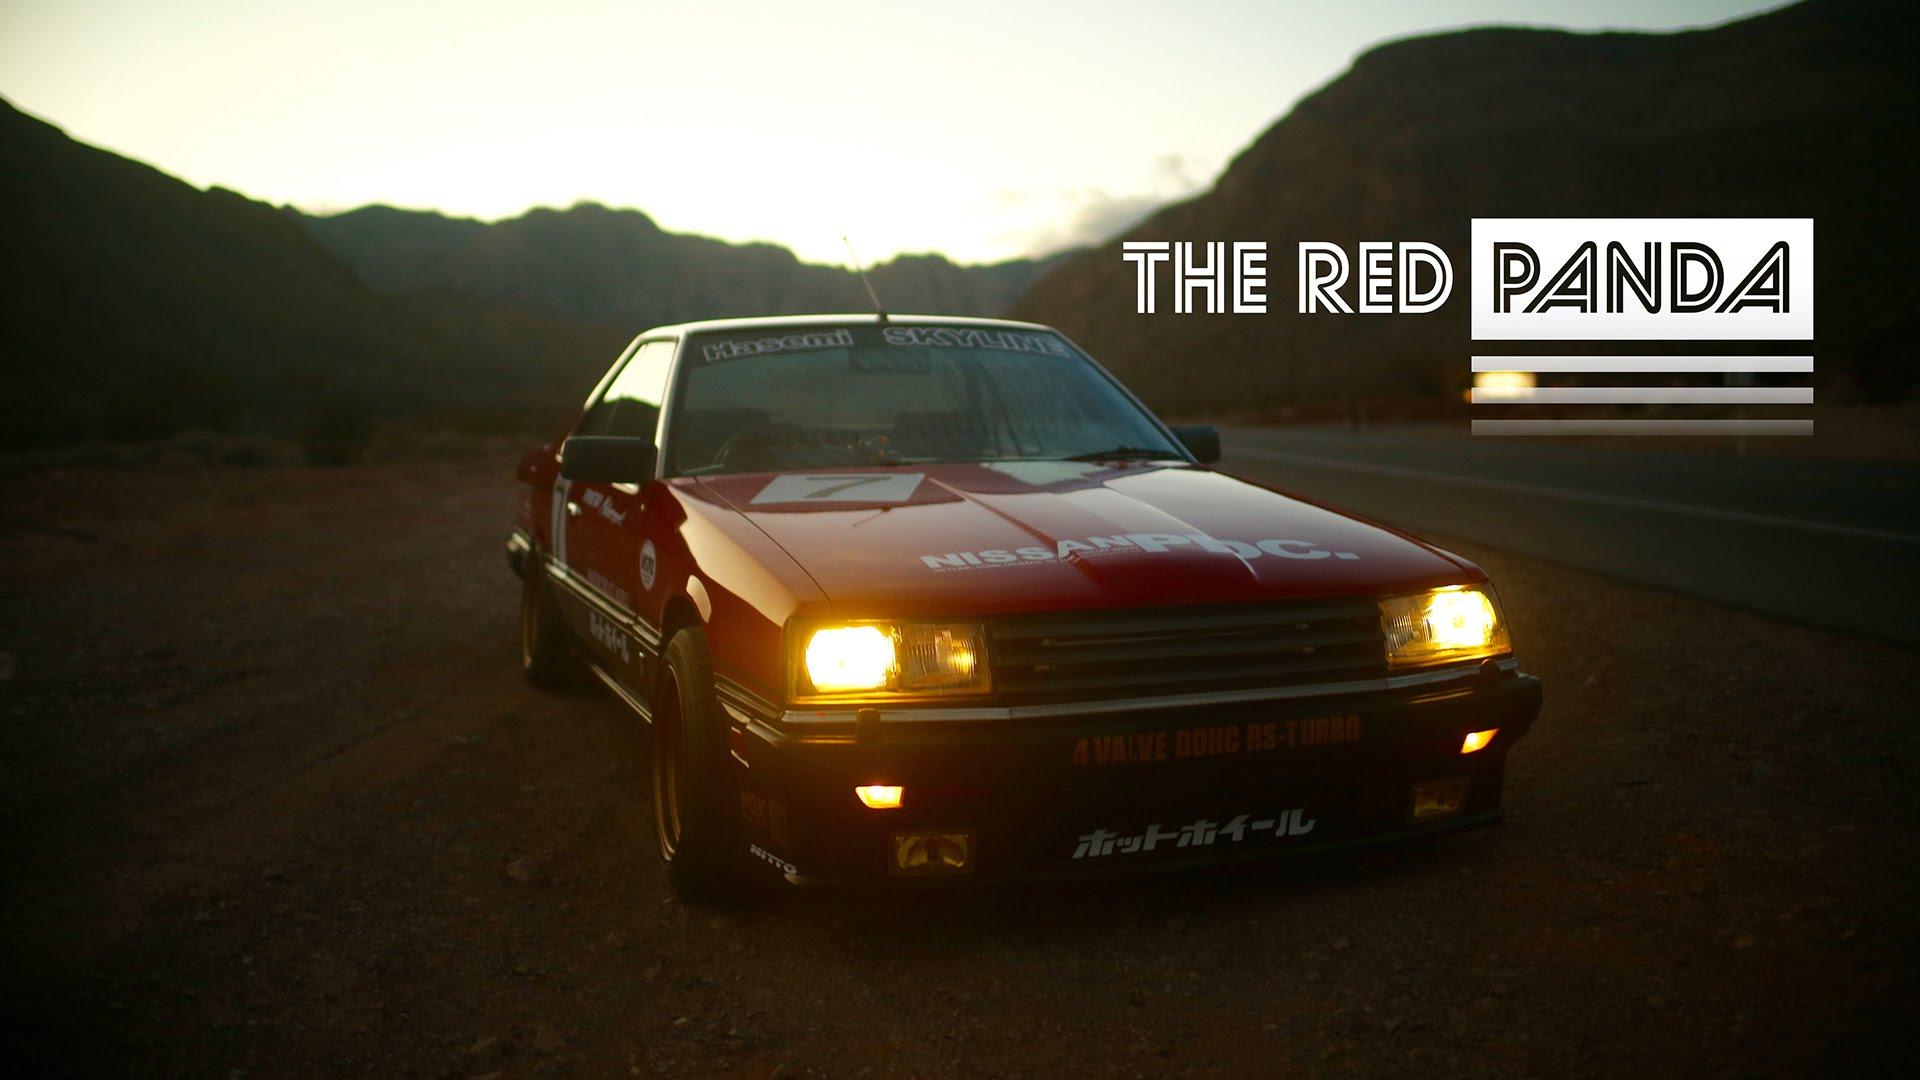 Der Nissan Skyline R30 ist der Red Panda unter den Fahrzeugen